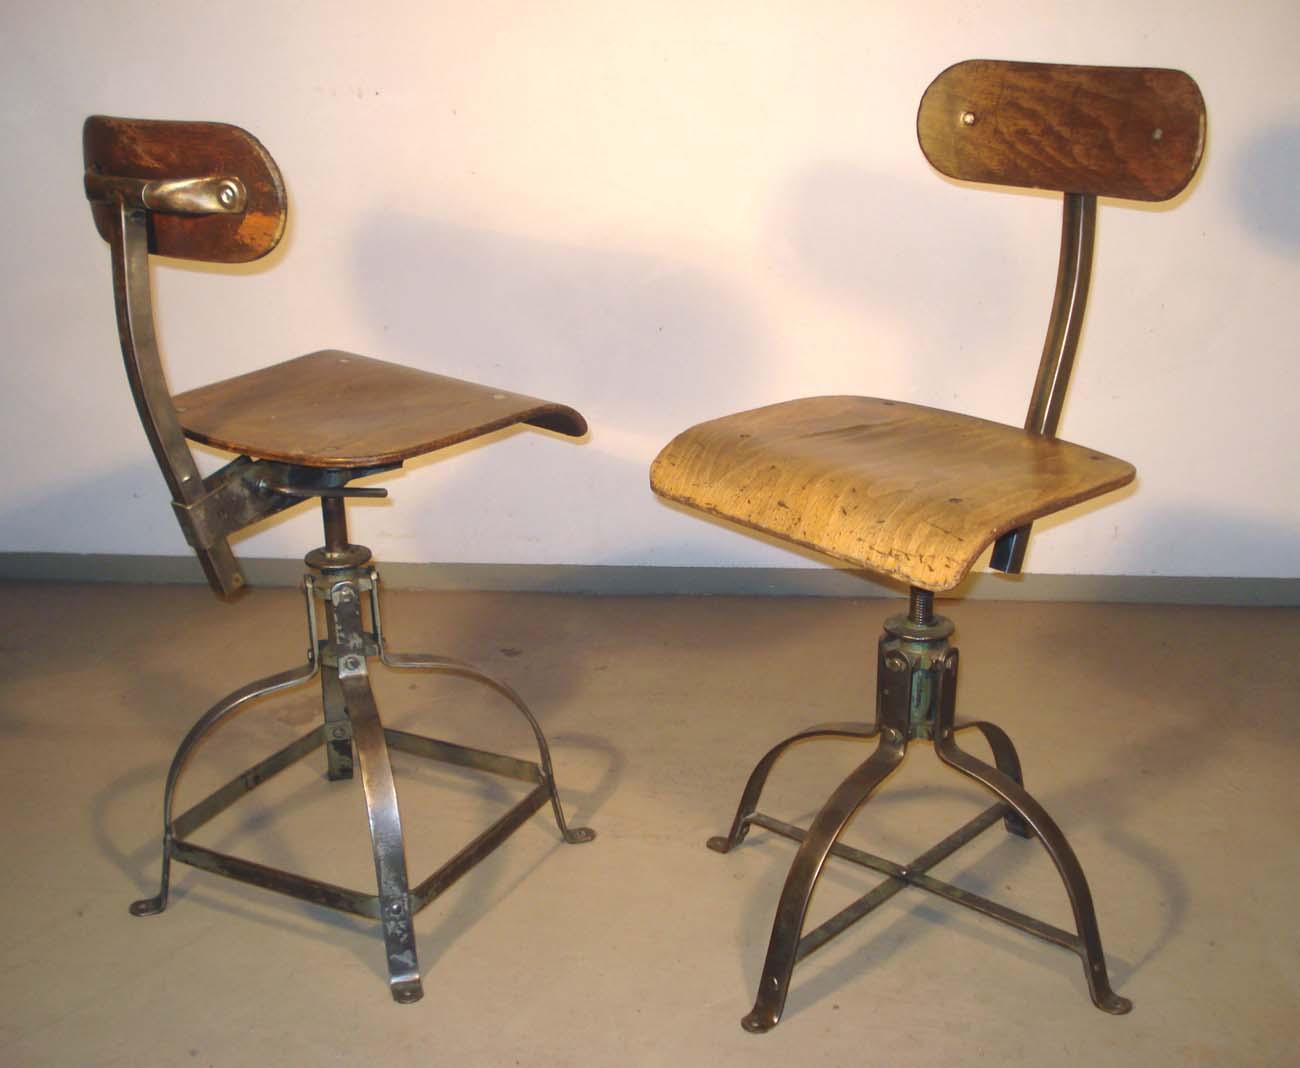 Bureau Metallique Industriel Vintage antiquités industrielles, mobilier industriel, et